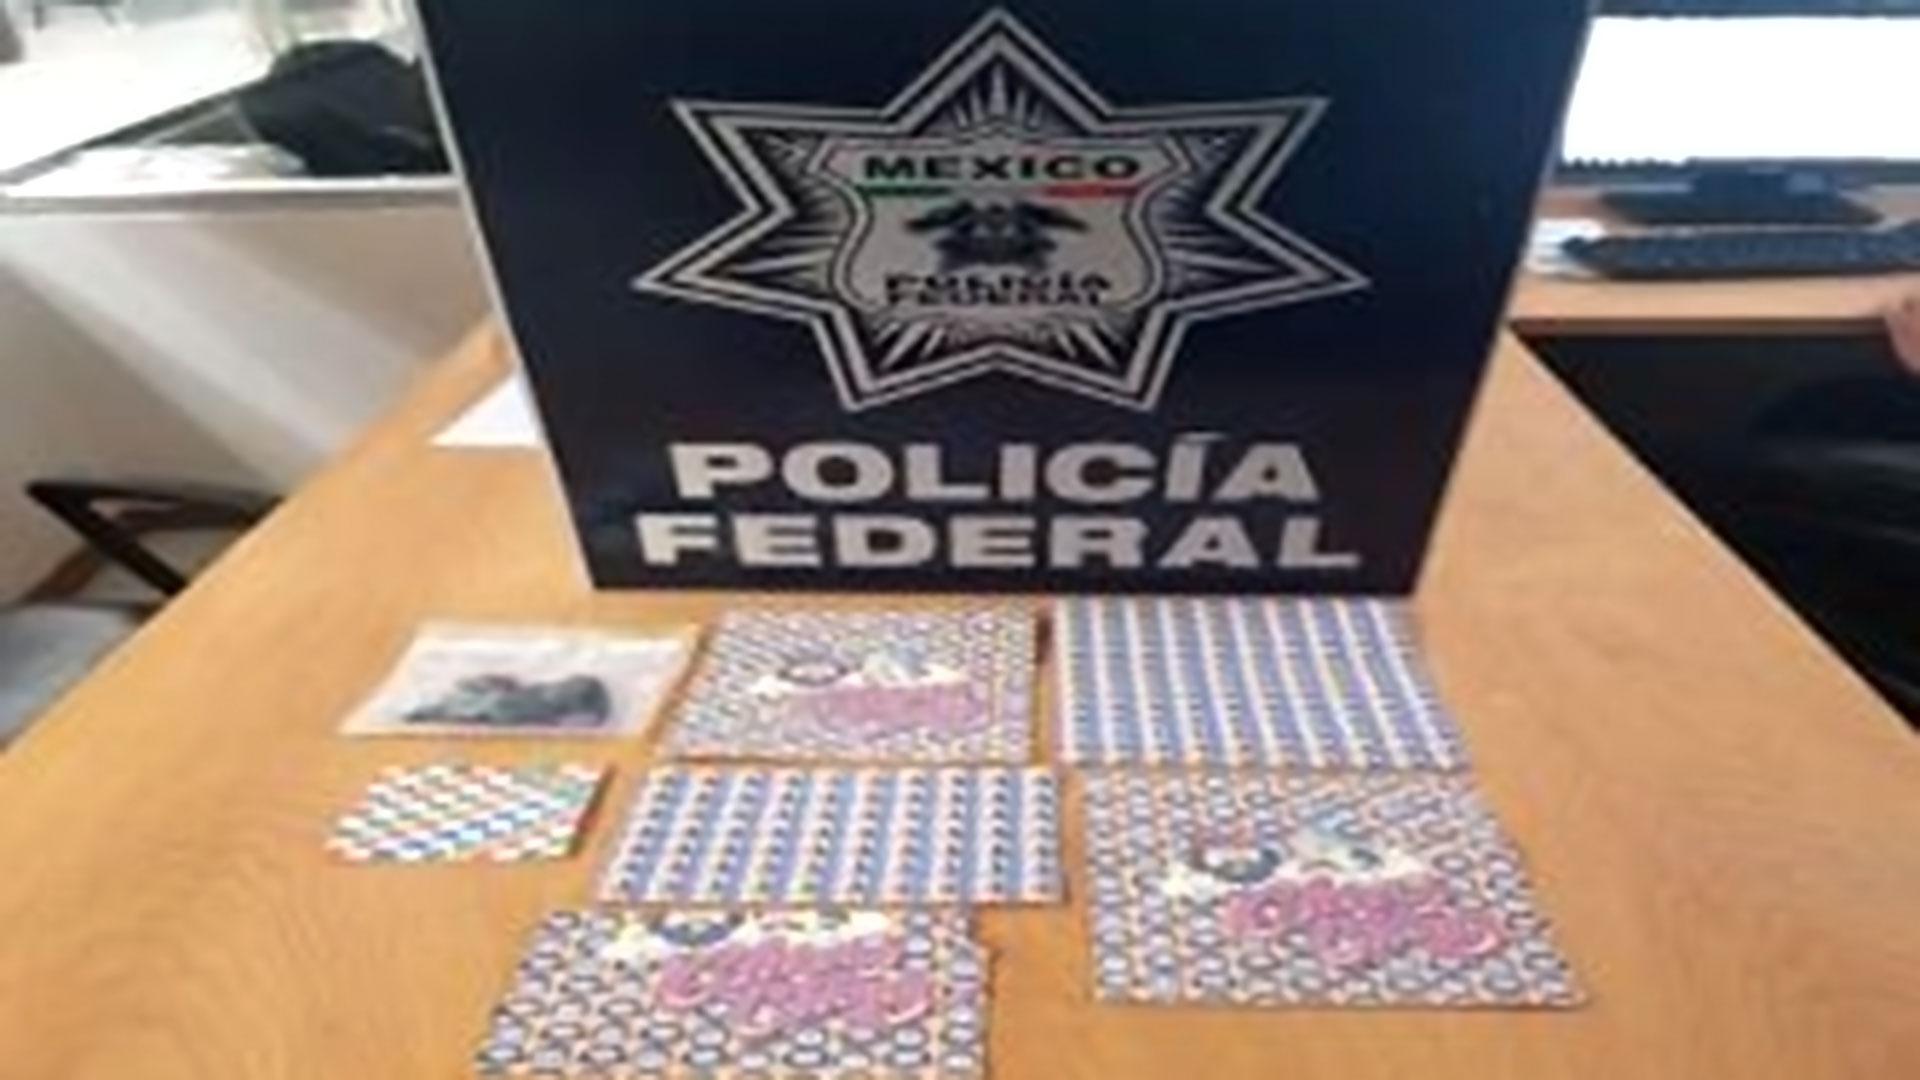 La droga hallada en el aeropuerto de Ciudad de México. (Foto: Policía Federal)